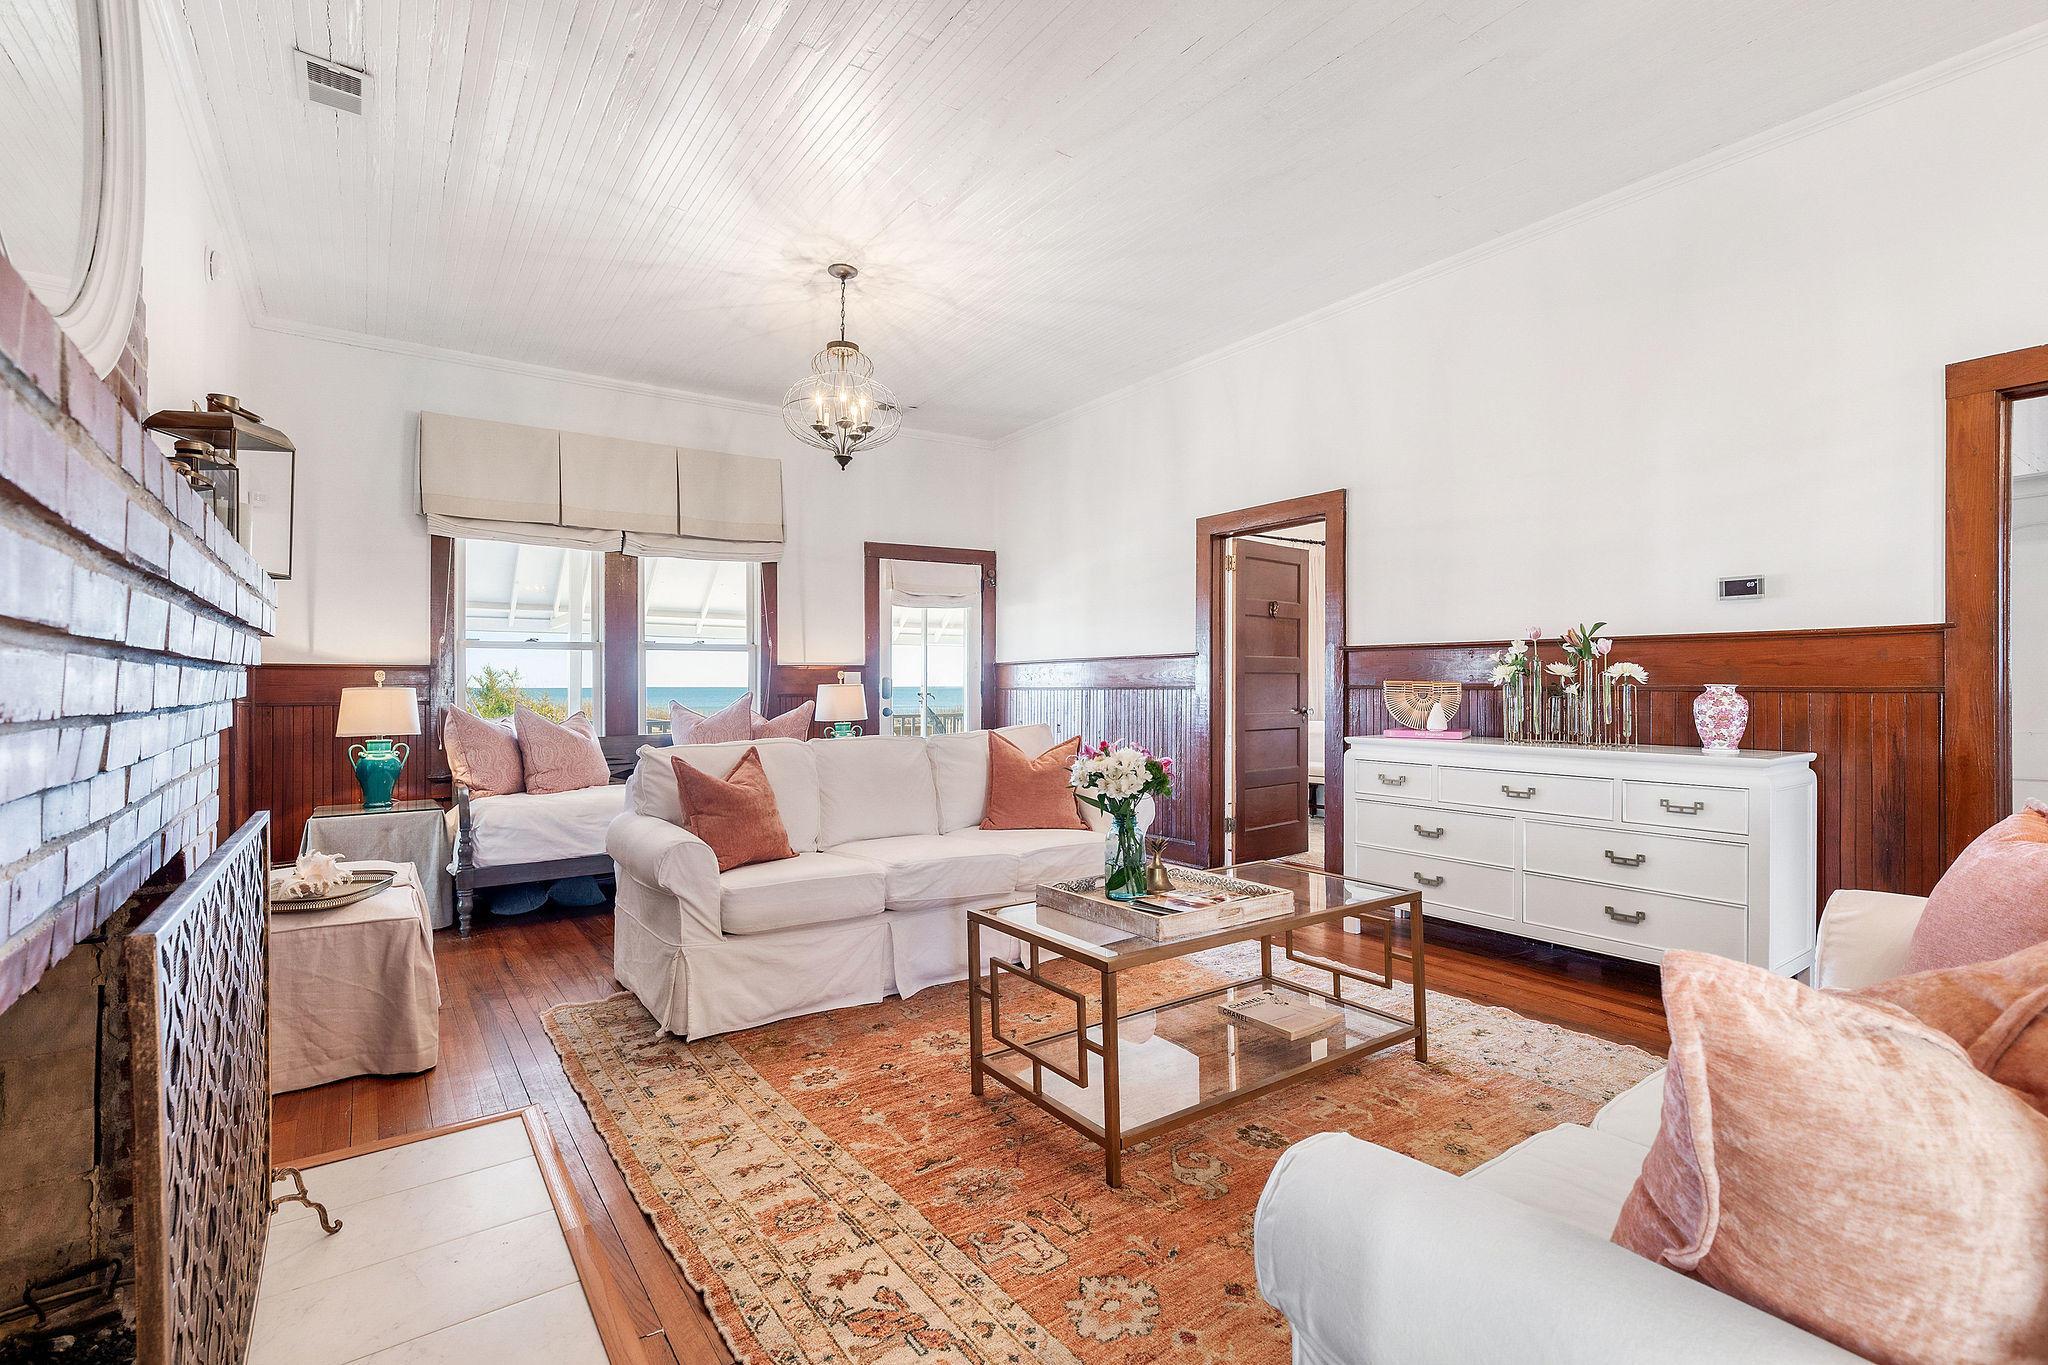 Folly Beach Homes For Sale - 509 Ashley, Folly Beach, SC - 0